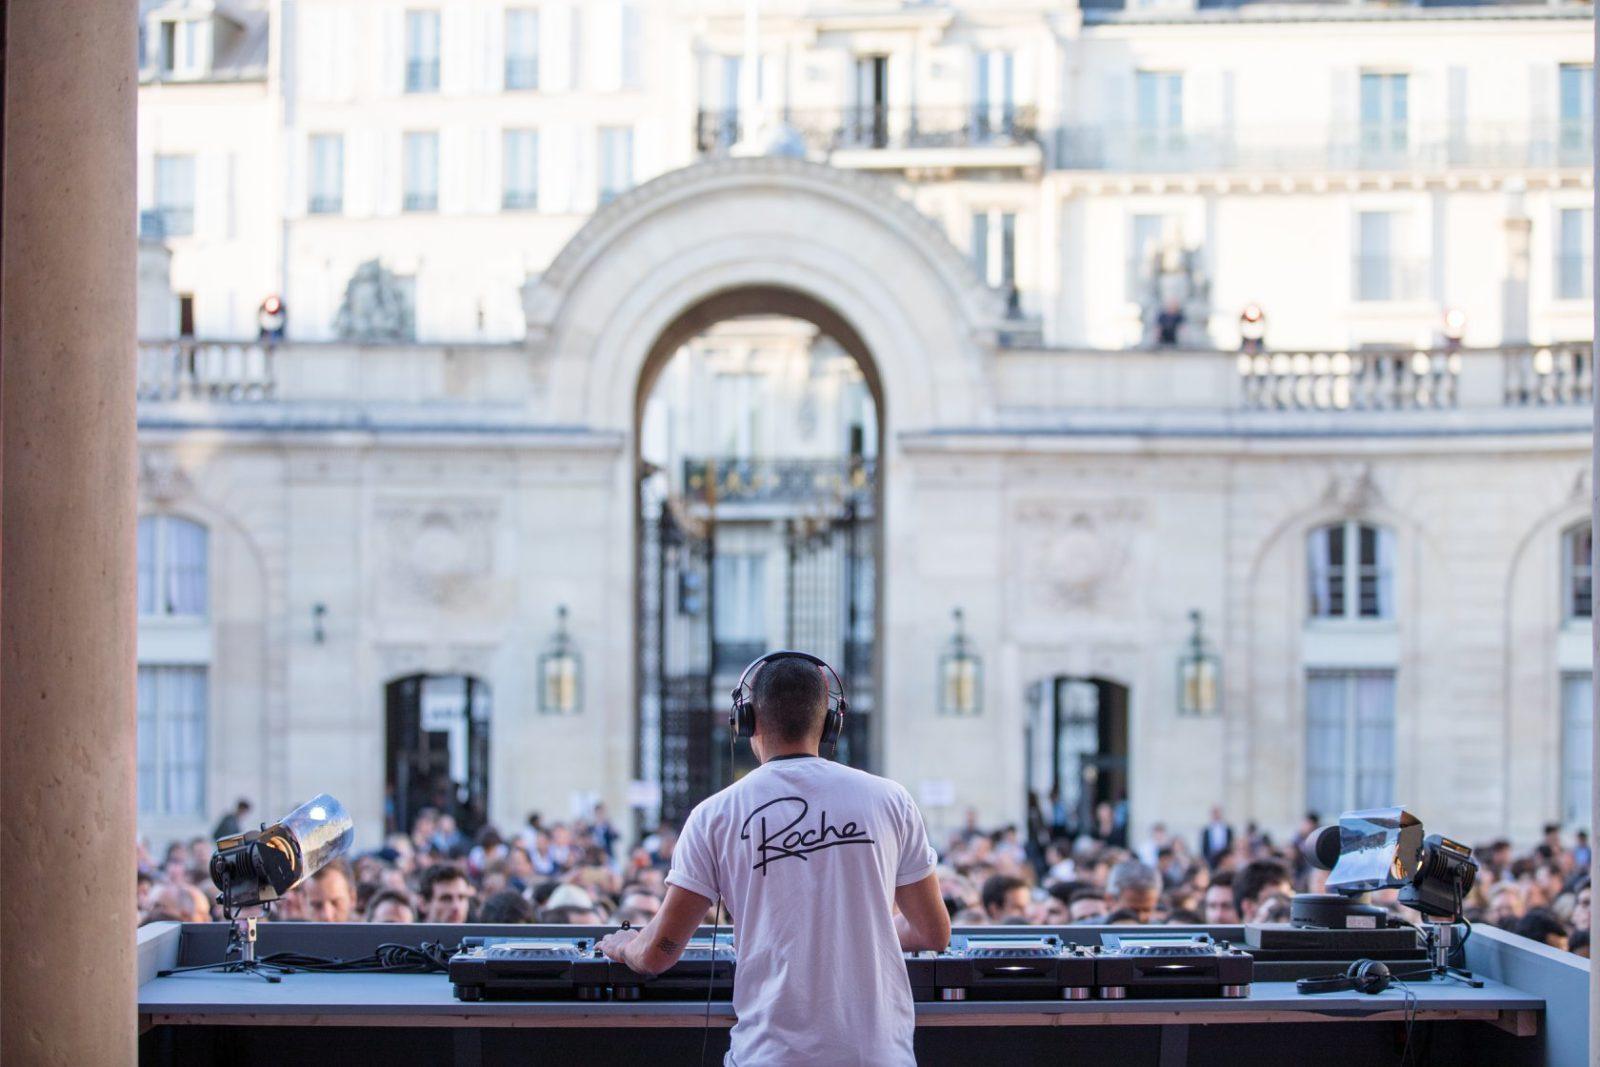 Label Roche Musique collection - Le label Roche Musique lance sa première collection de streetwear